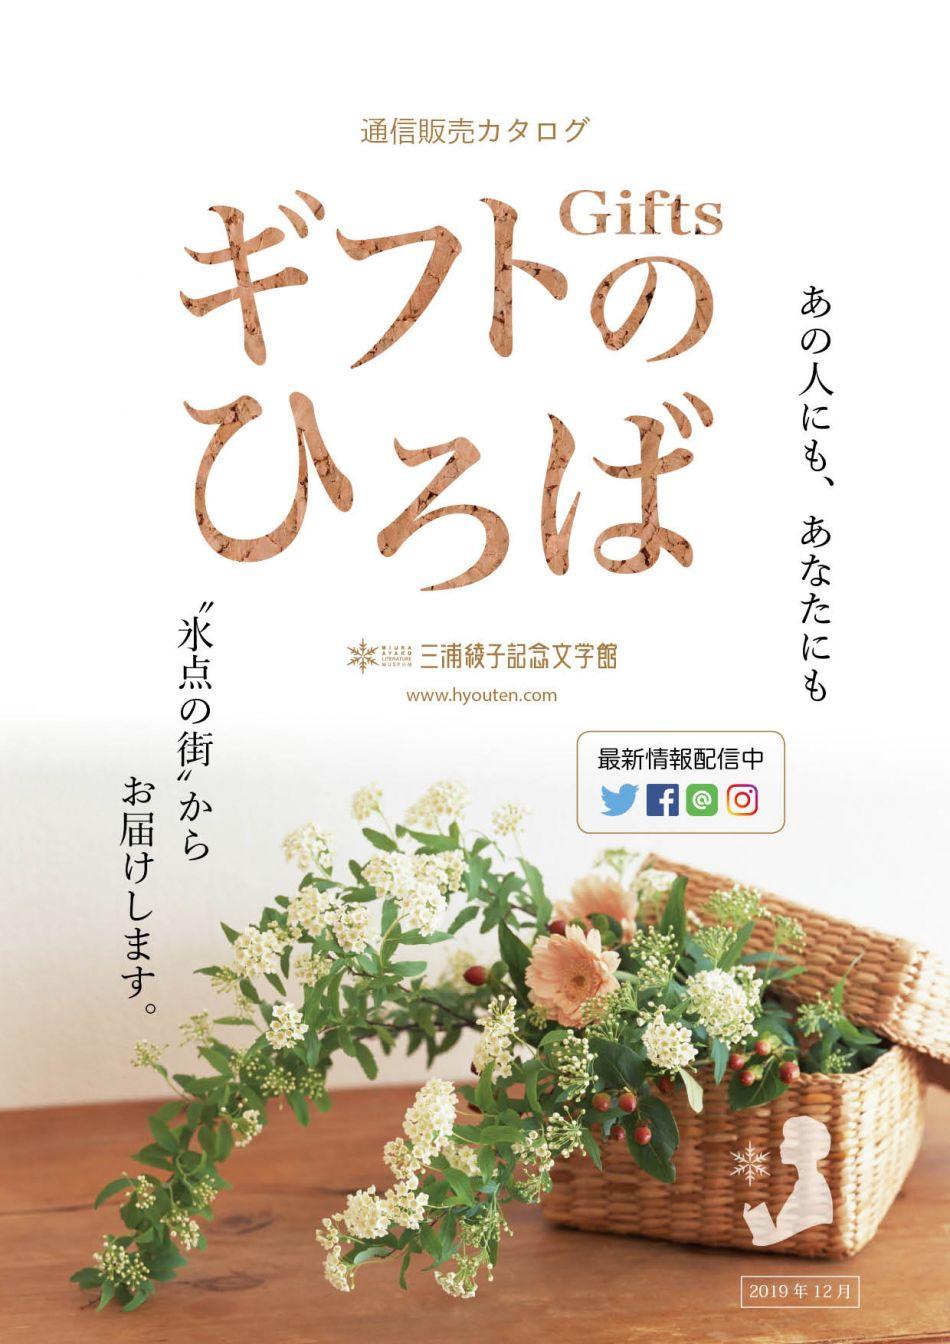 通信販売カタログ「ギフトのひろば」2019年12月29日版 表紙